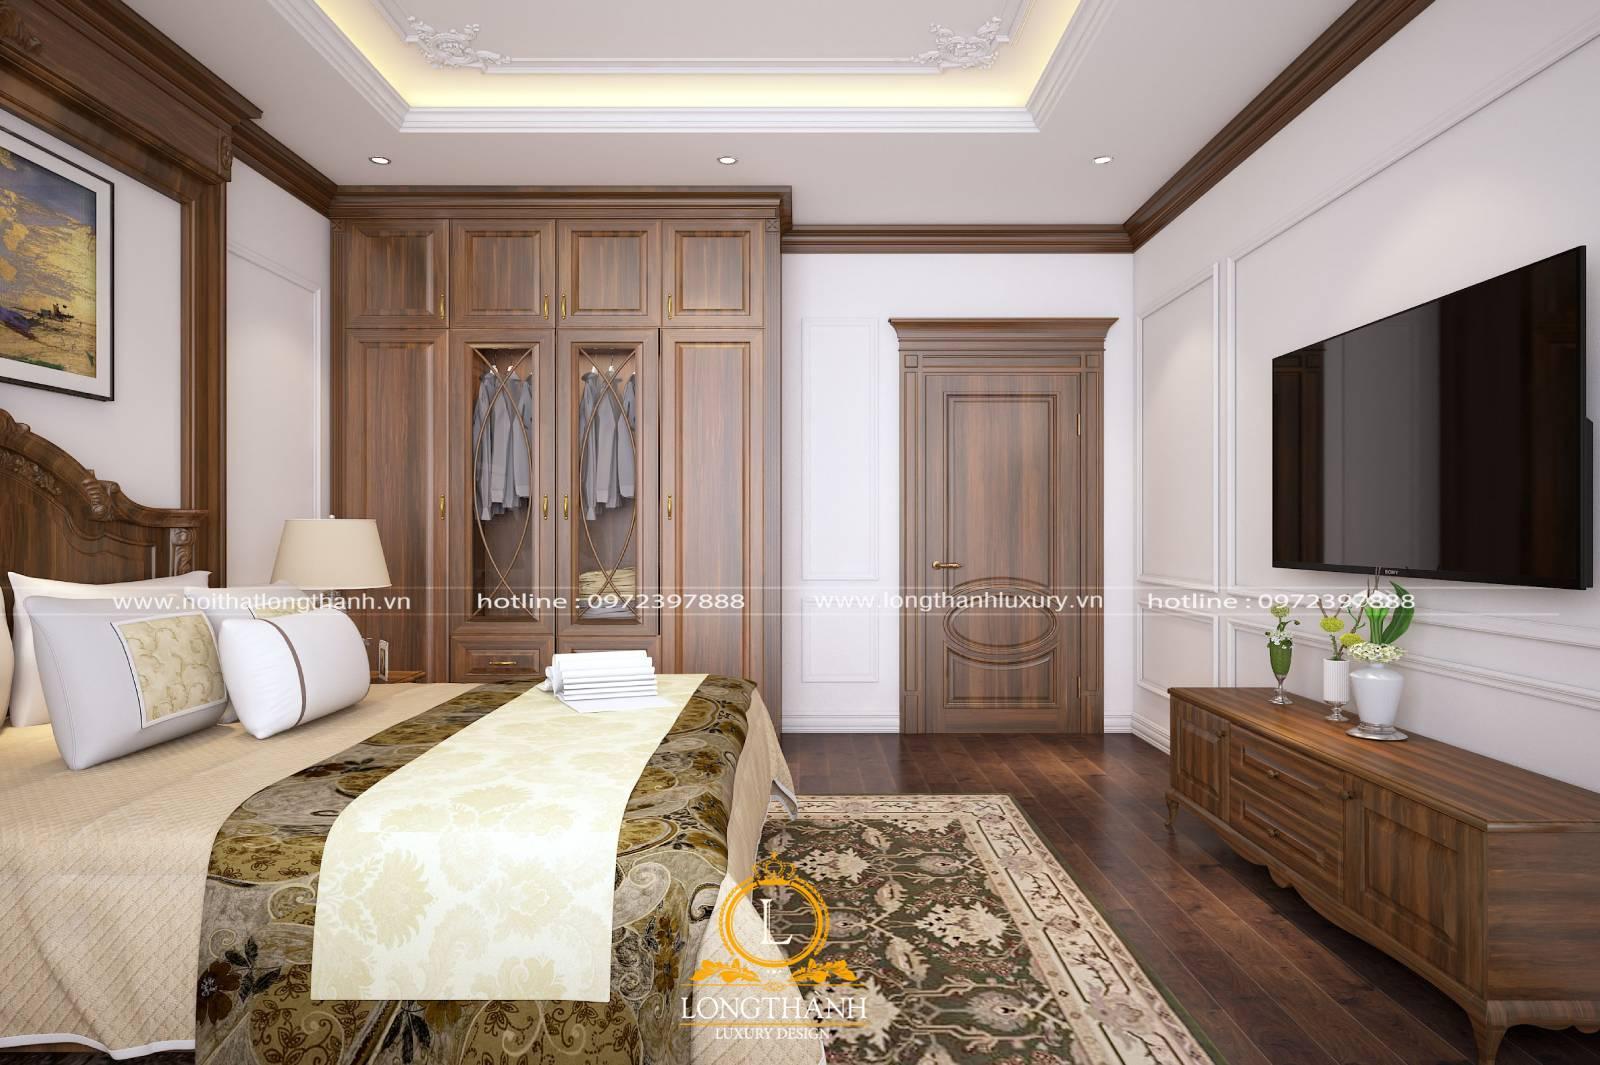 Cửa phòng ngủ sử dụng chất liệu gỗ tự nhiên cao cấp sang trọng